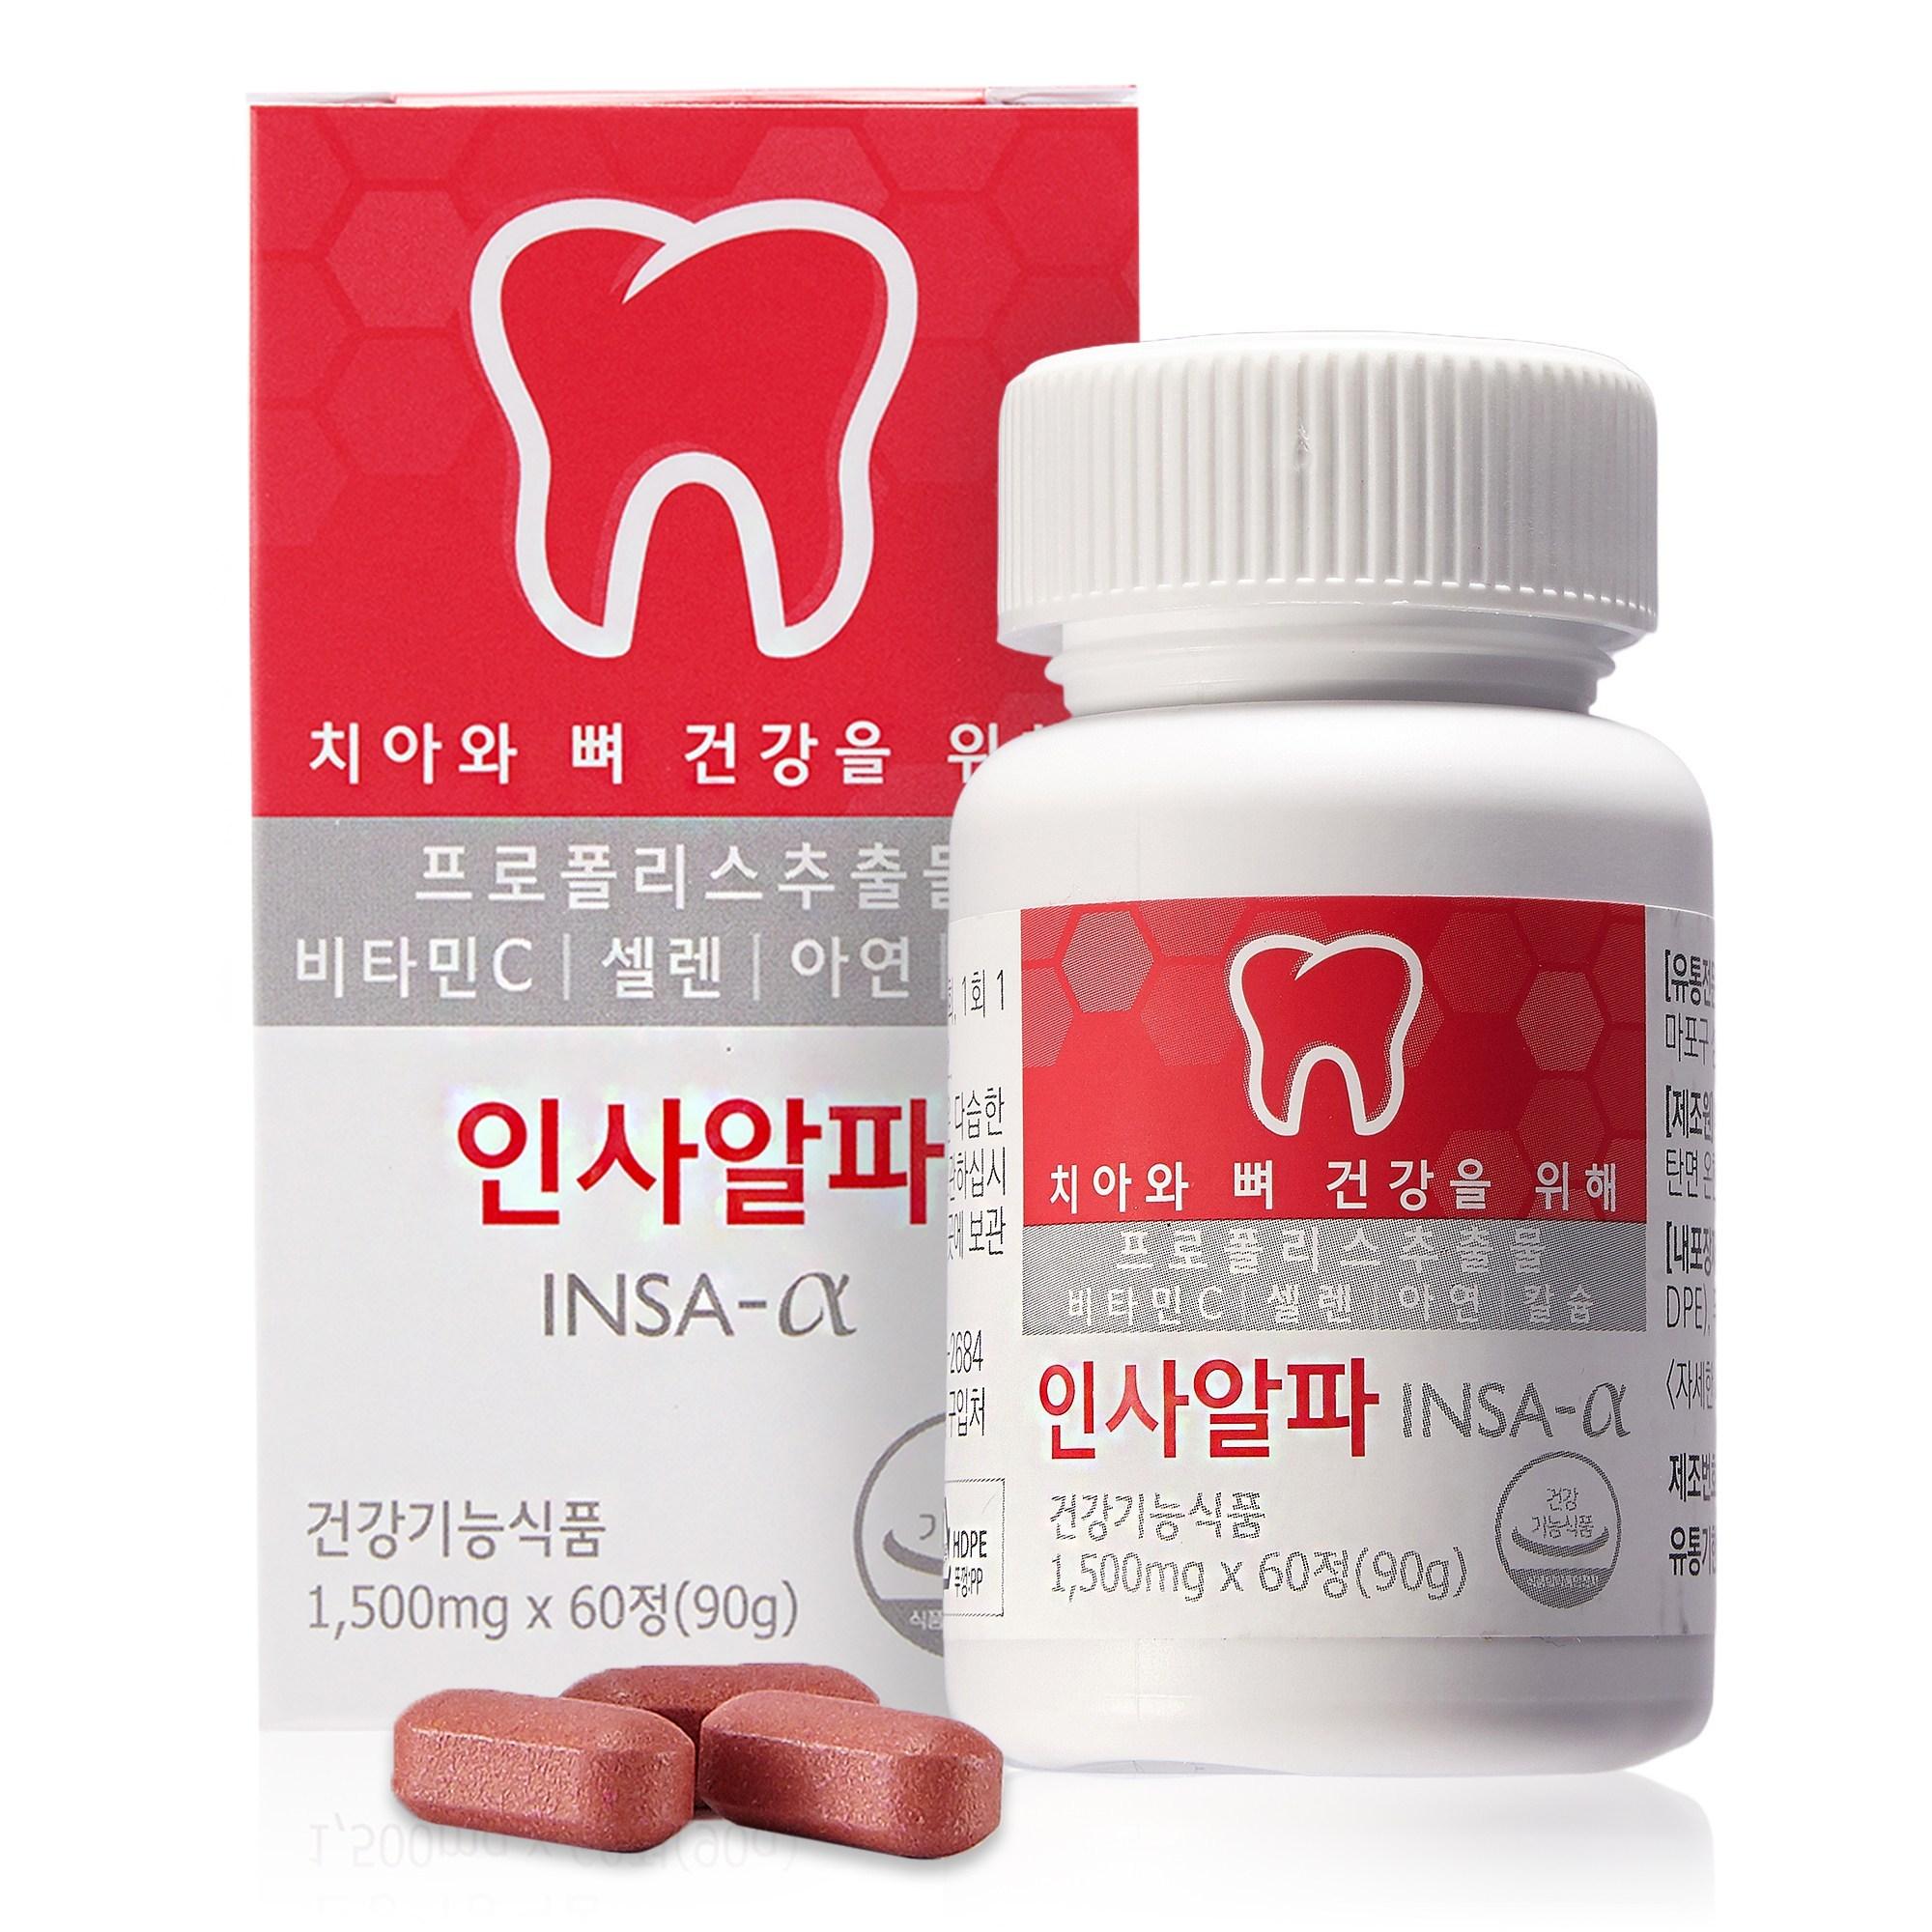 인사알파 잇몸 치아 뼈 건강에 도움 영양제 60정  1개일양약품 이큐파워 플러스 Q  0.5g  240캡슐닥터세오 탄탄플란트정